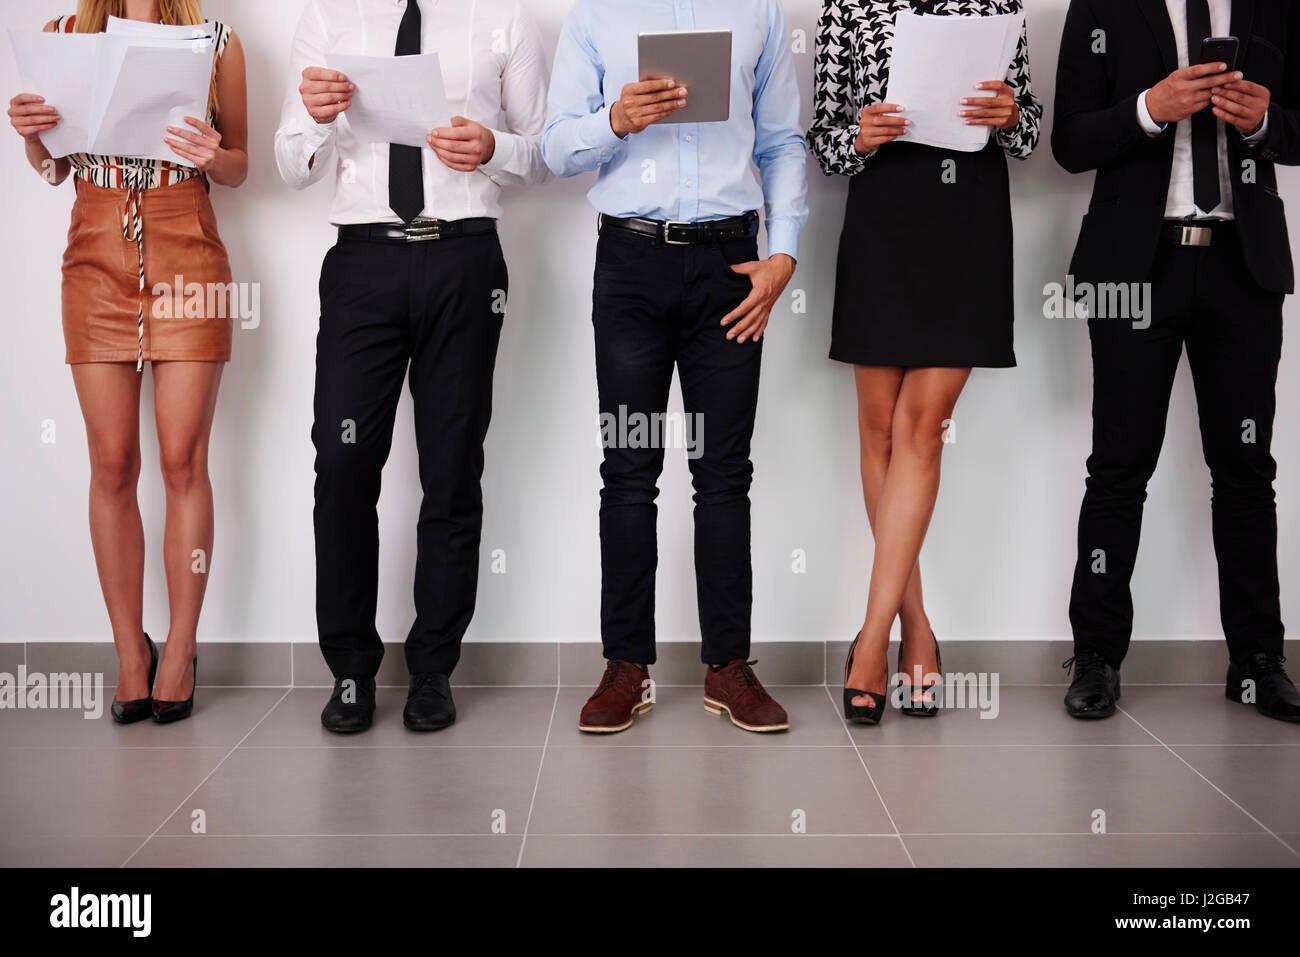 Las piernas de los seres humanos de gente que espera para una entrevista de trabajo Imagen De Stock